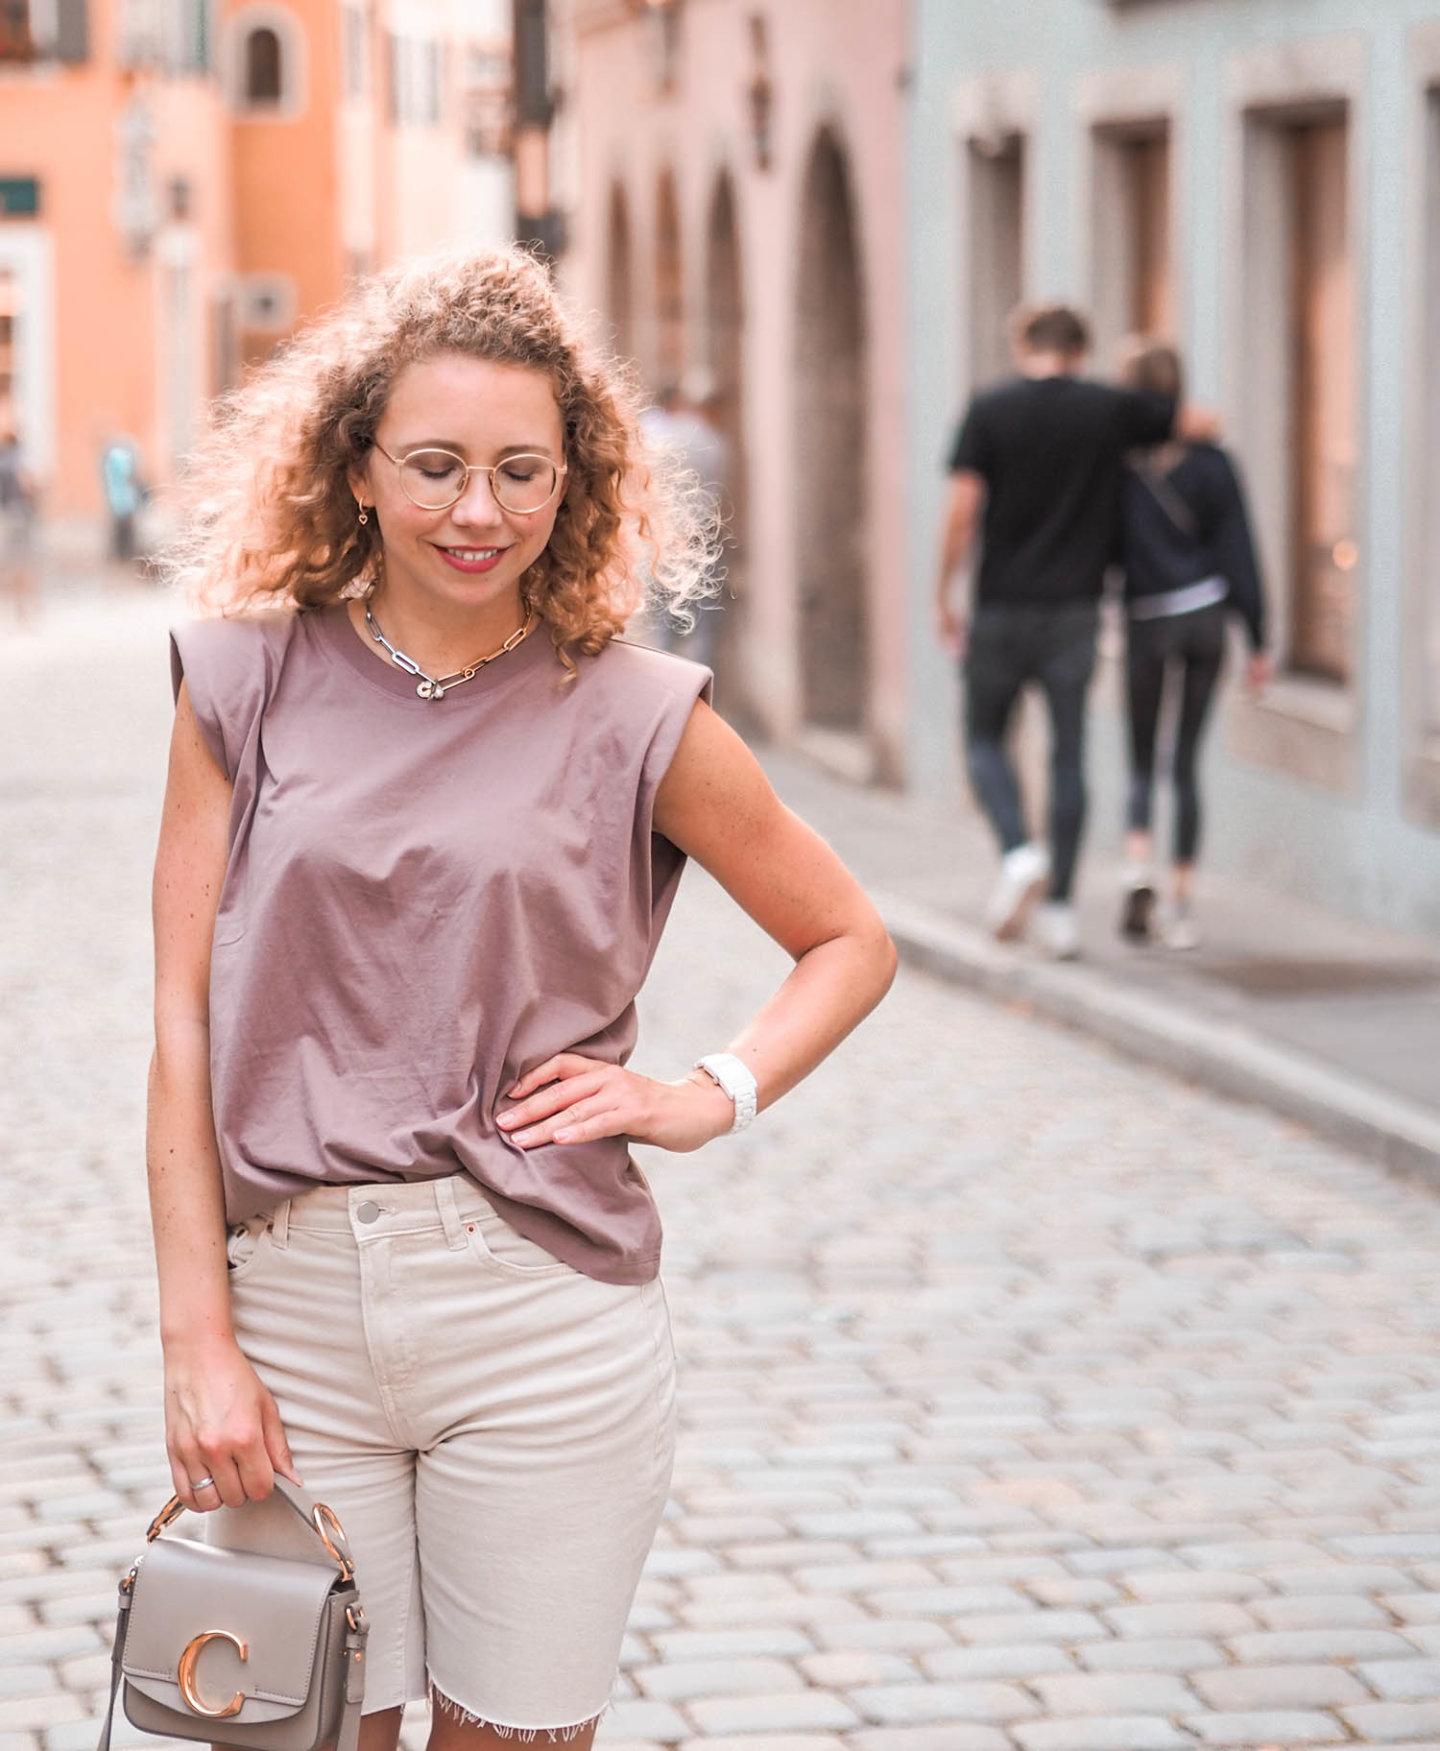 Sommerlook mit Schulterpolster-Shirt, Jeans Bermudas und Chloé Tasche